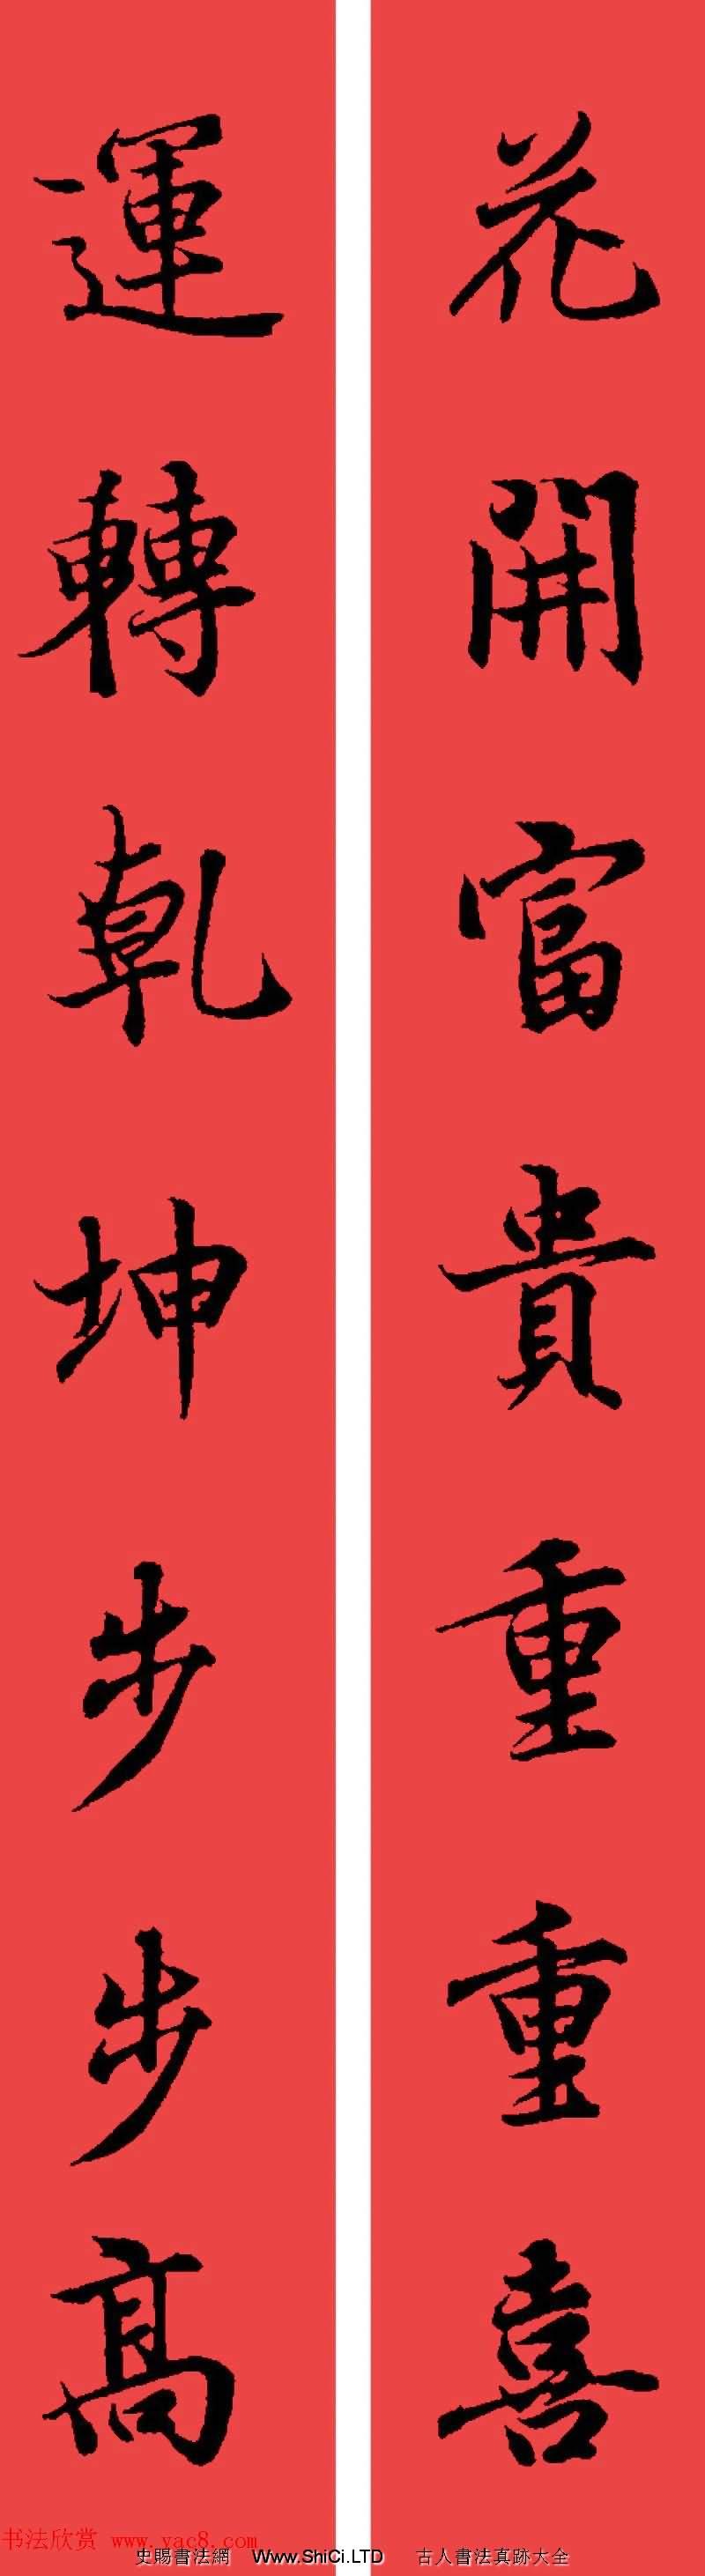 王羲之蘭亭序集字七言行書春聯32幅